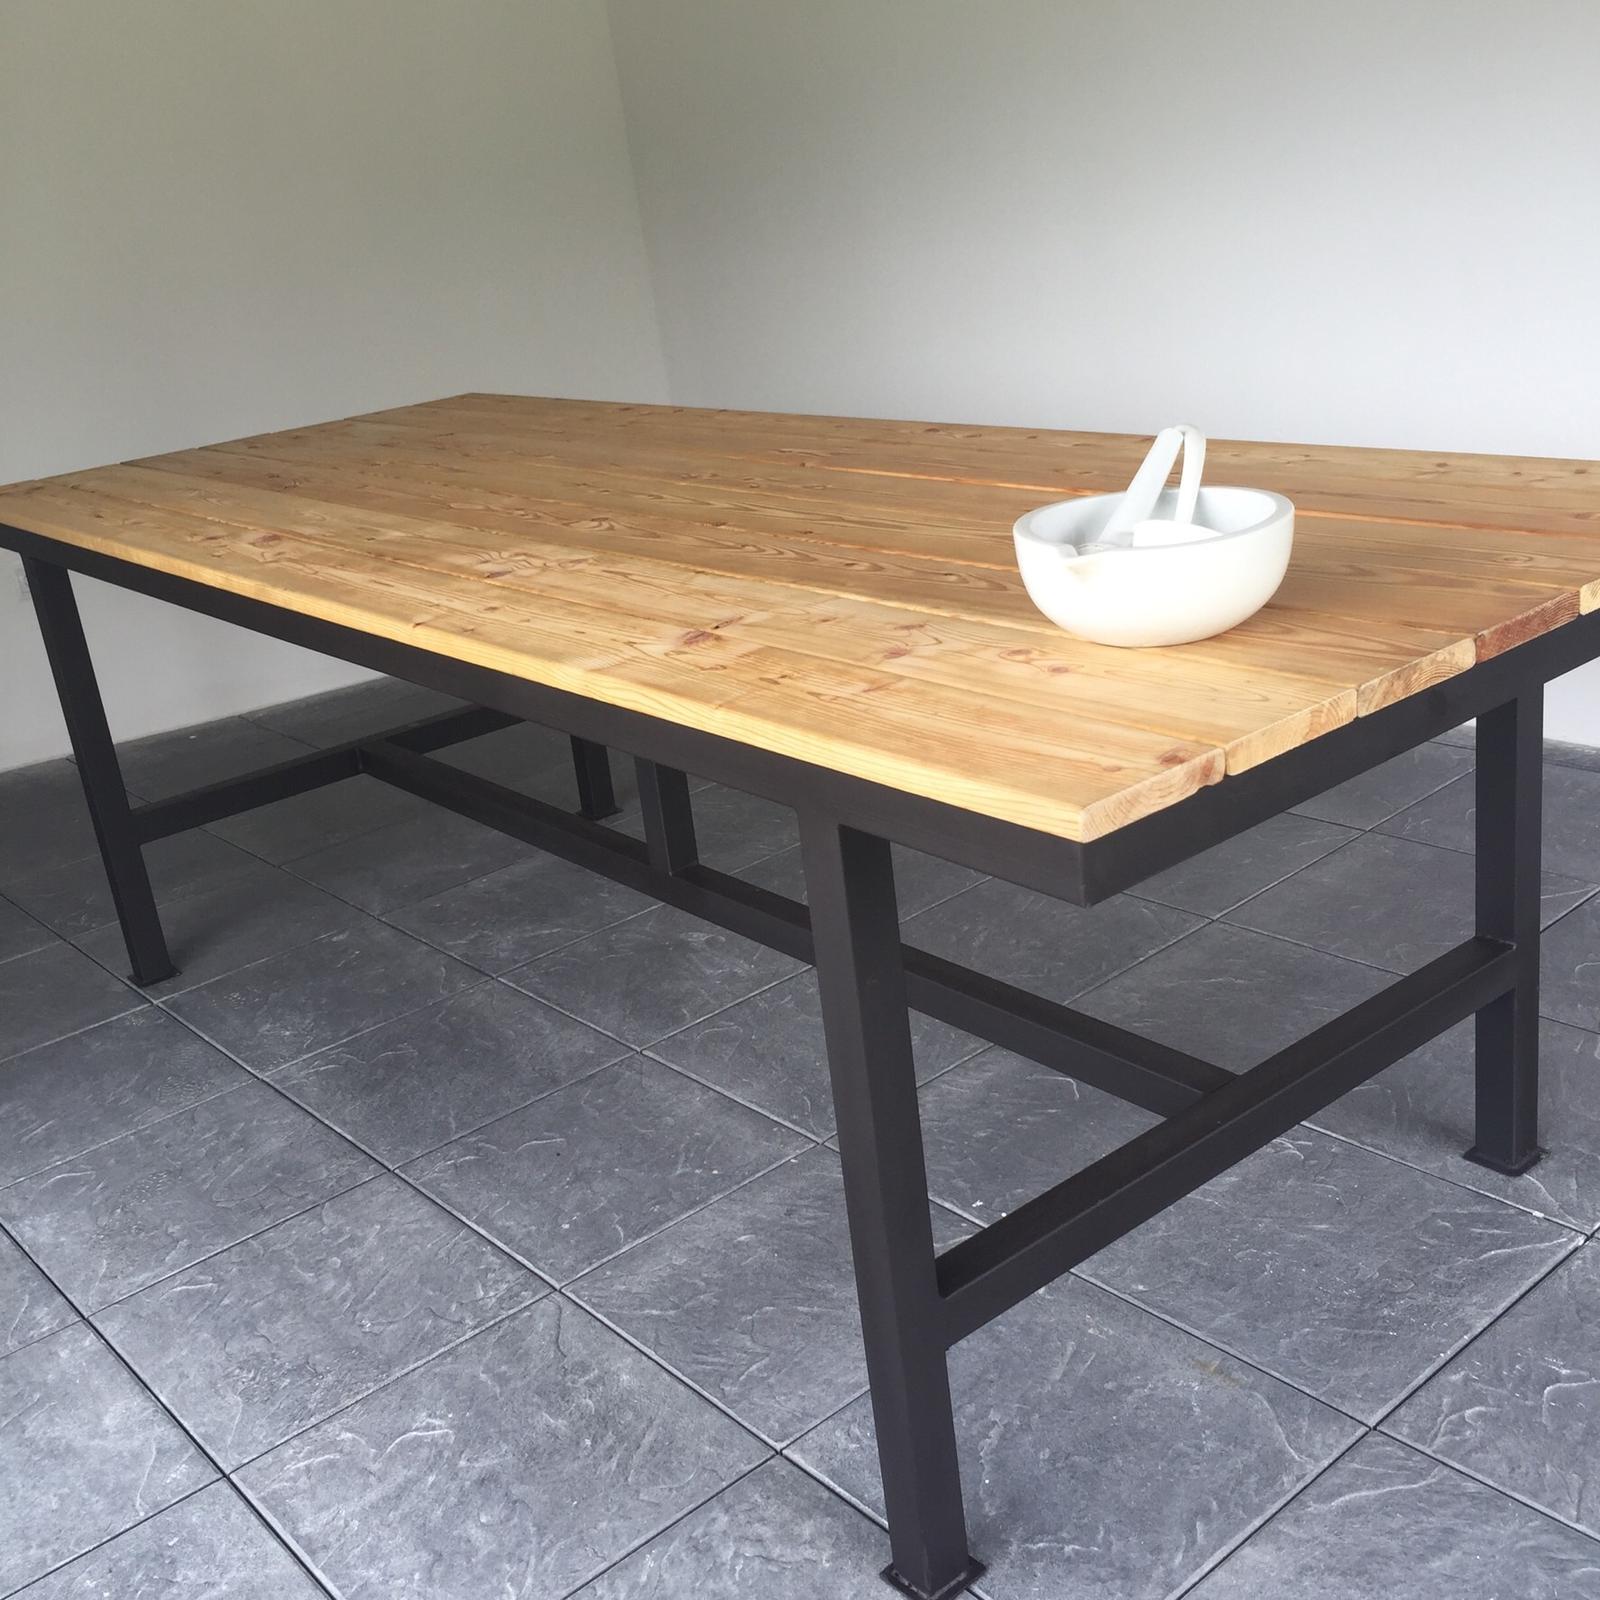 Dům už máme postavený, teď z něho děláme DOMOV - Nový stůl v zahradním domku. Už jen lavice 😉